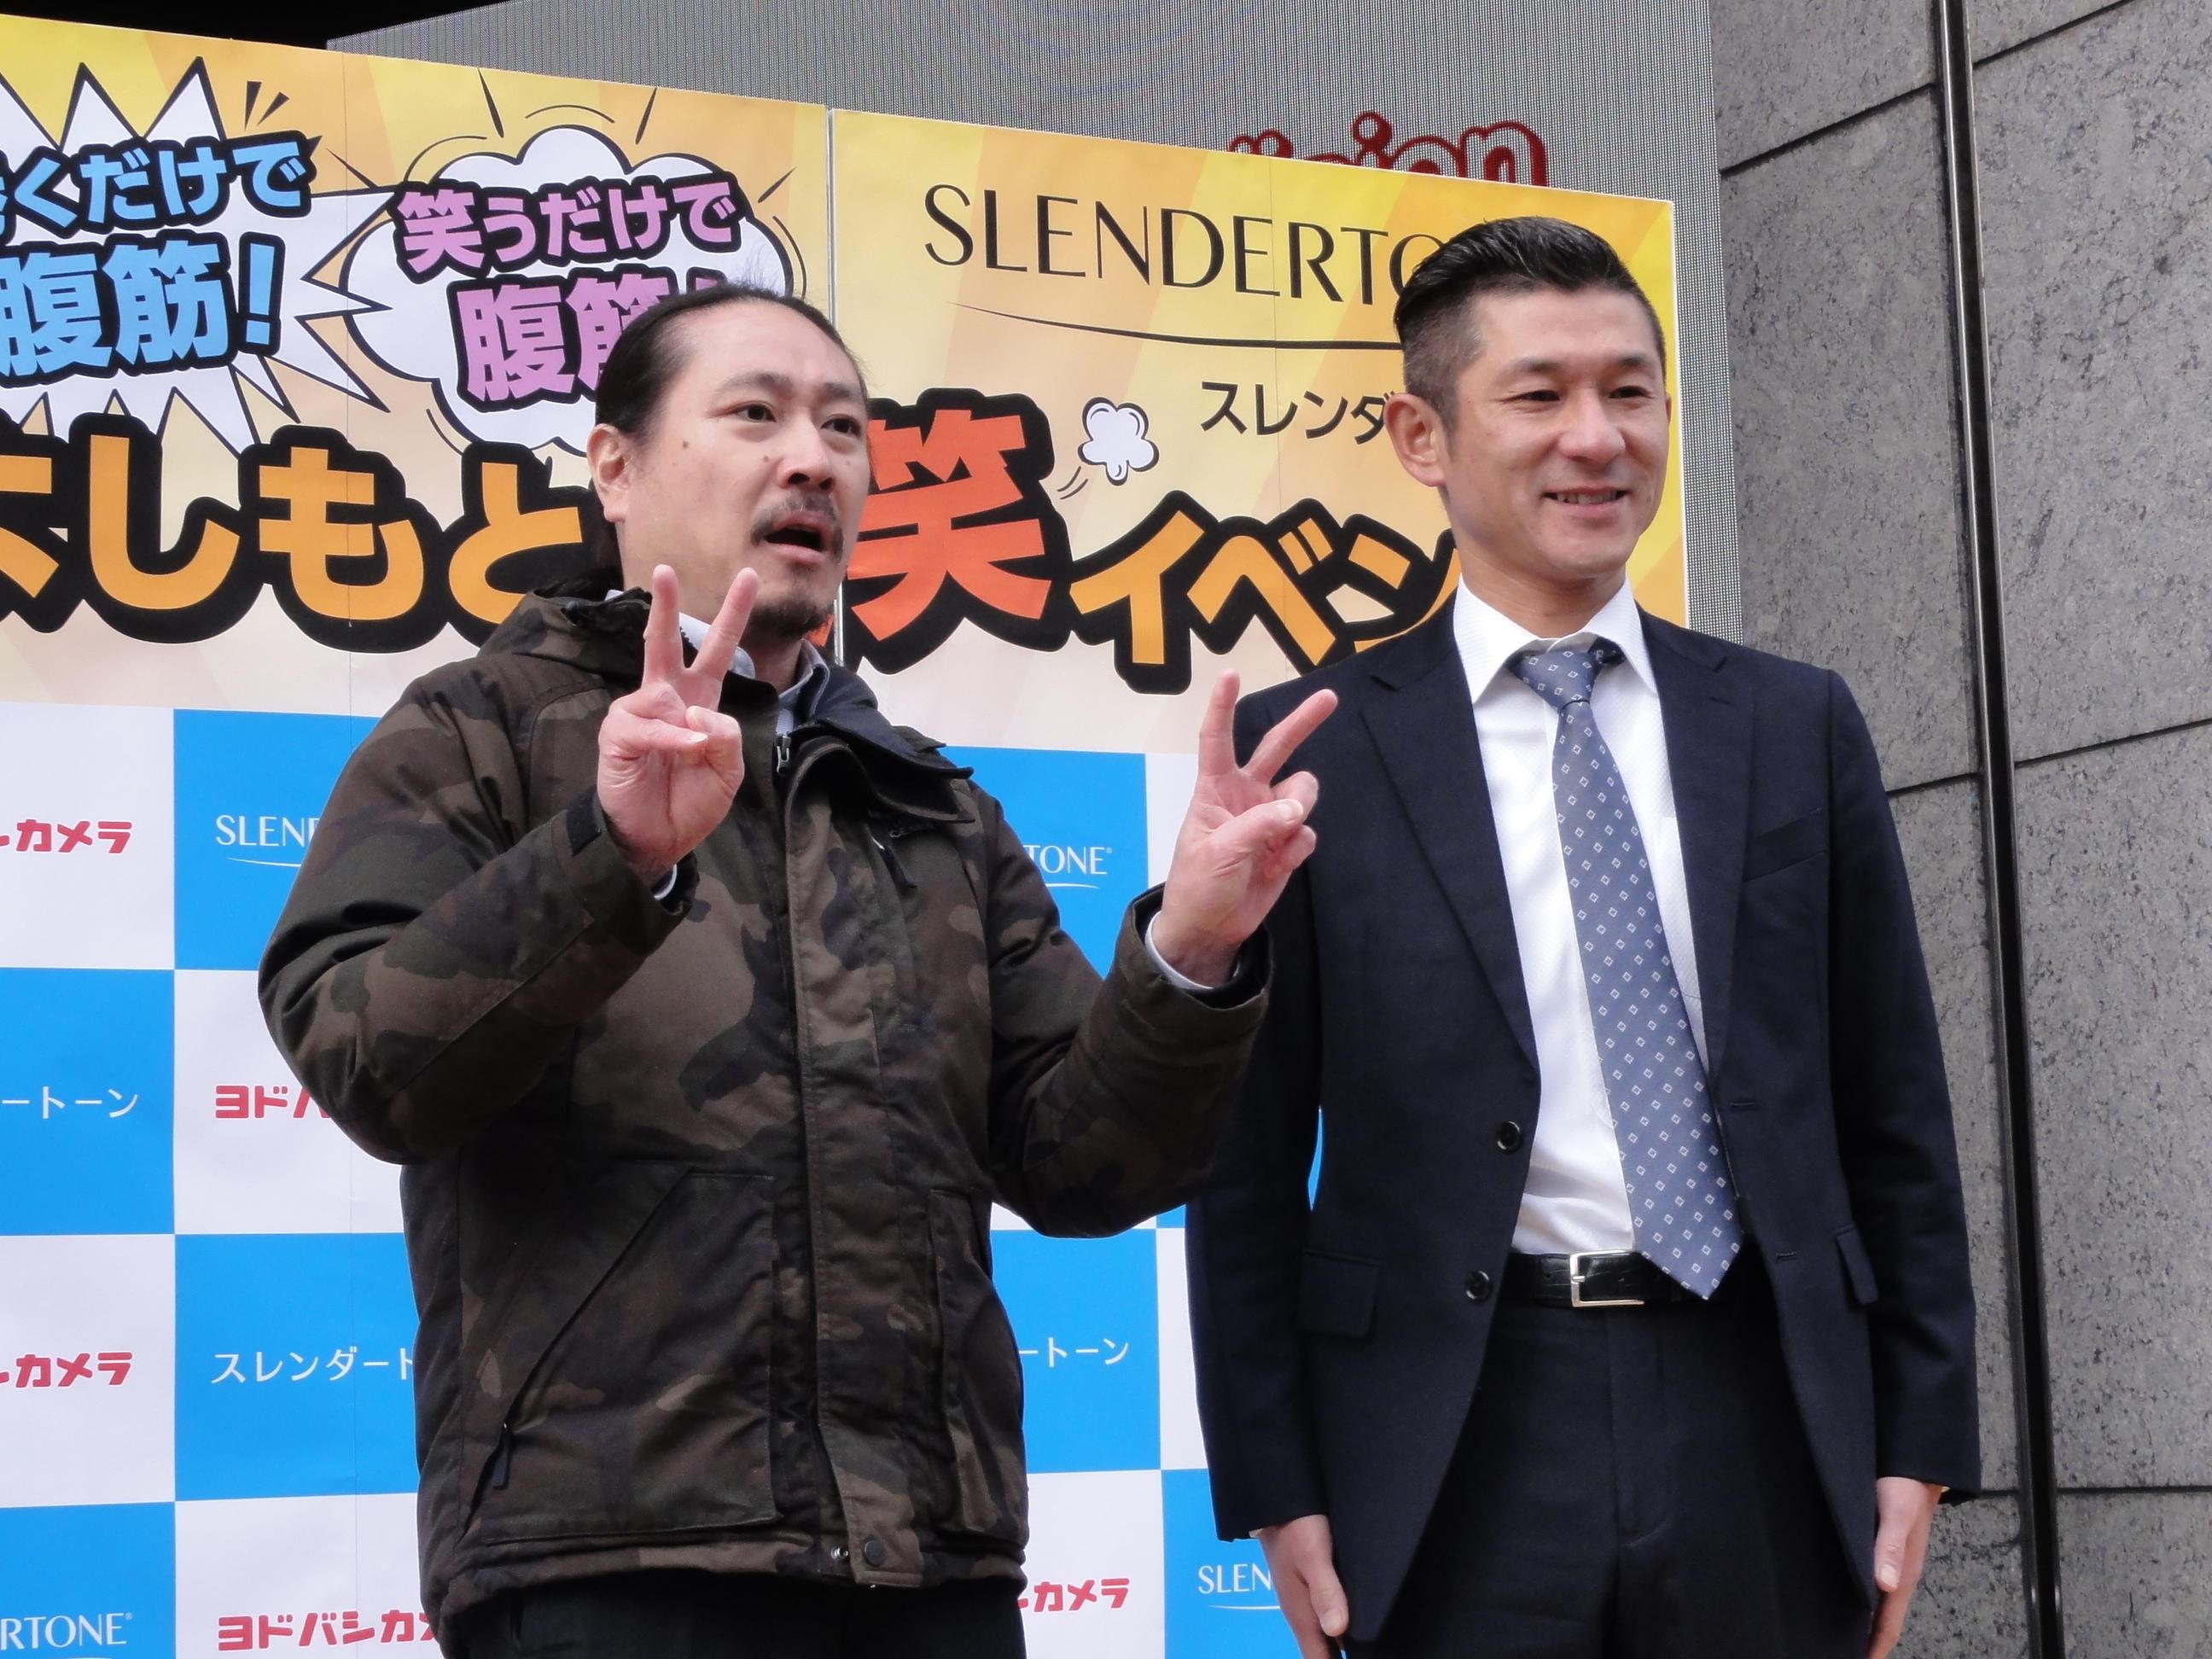 http://news.yoshimoto.co.jp/20180107165342-34276ccd91e20d6a71d89f95c19cd6dff18ae3db.jpg